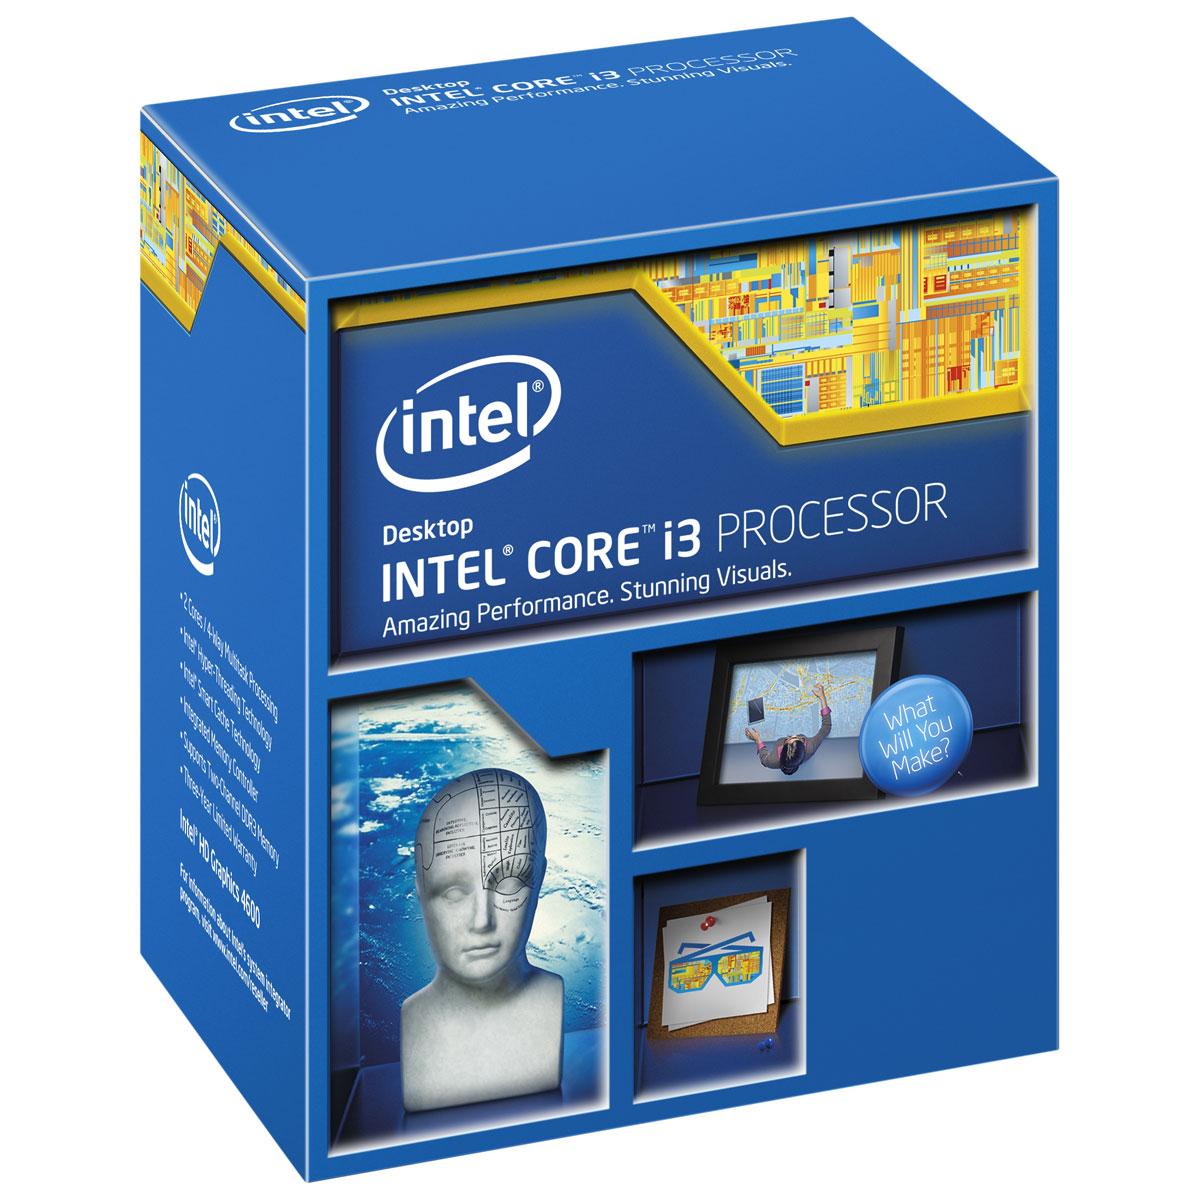 Processeur Intel Core i3-4360 (3.7 GHz) Processeur Dual Core Socket 1150 Cache L3 4 Mo Intel HD Graphics 4000 0.022 micron (version boîte - garantie Intel 3 ans)